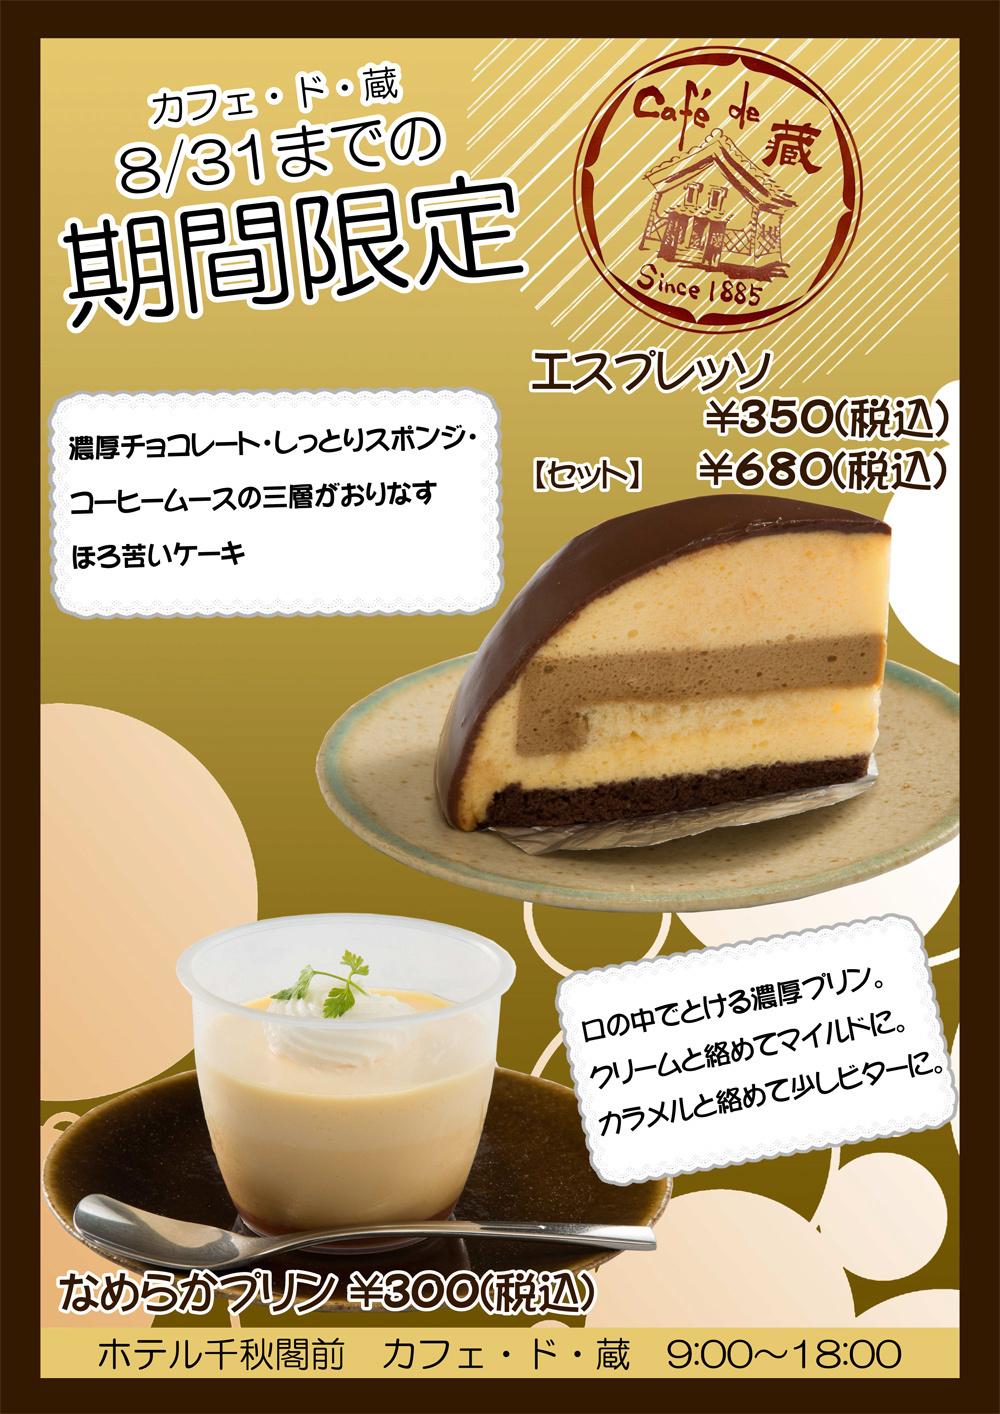 20150731_蔵ケーキ(エスプレッソ・プリン).jpg